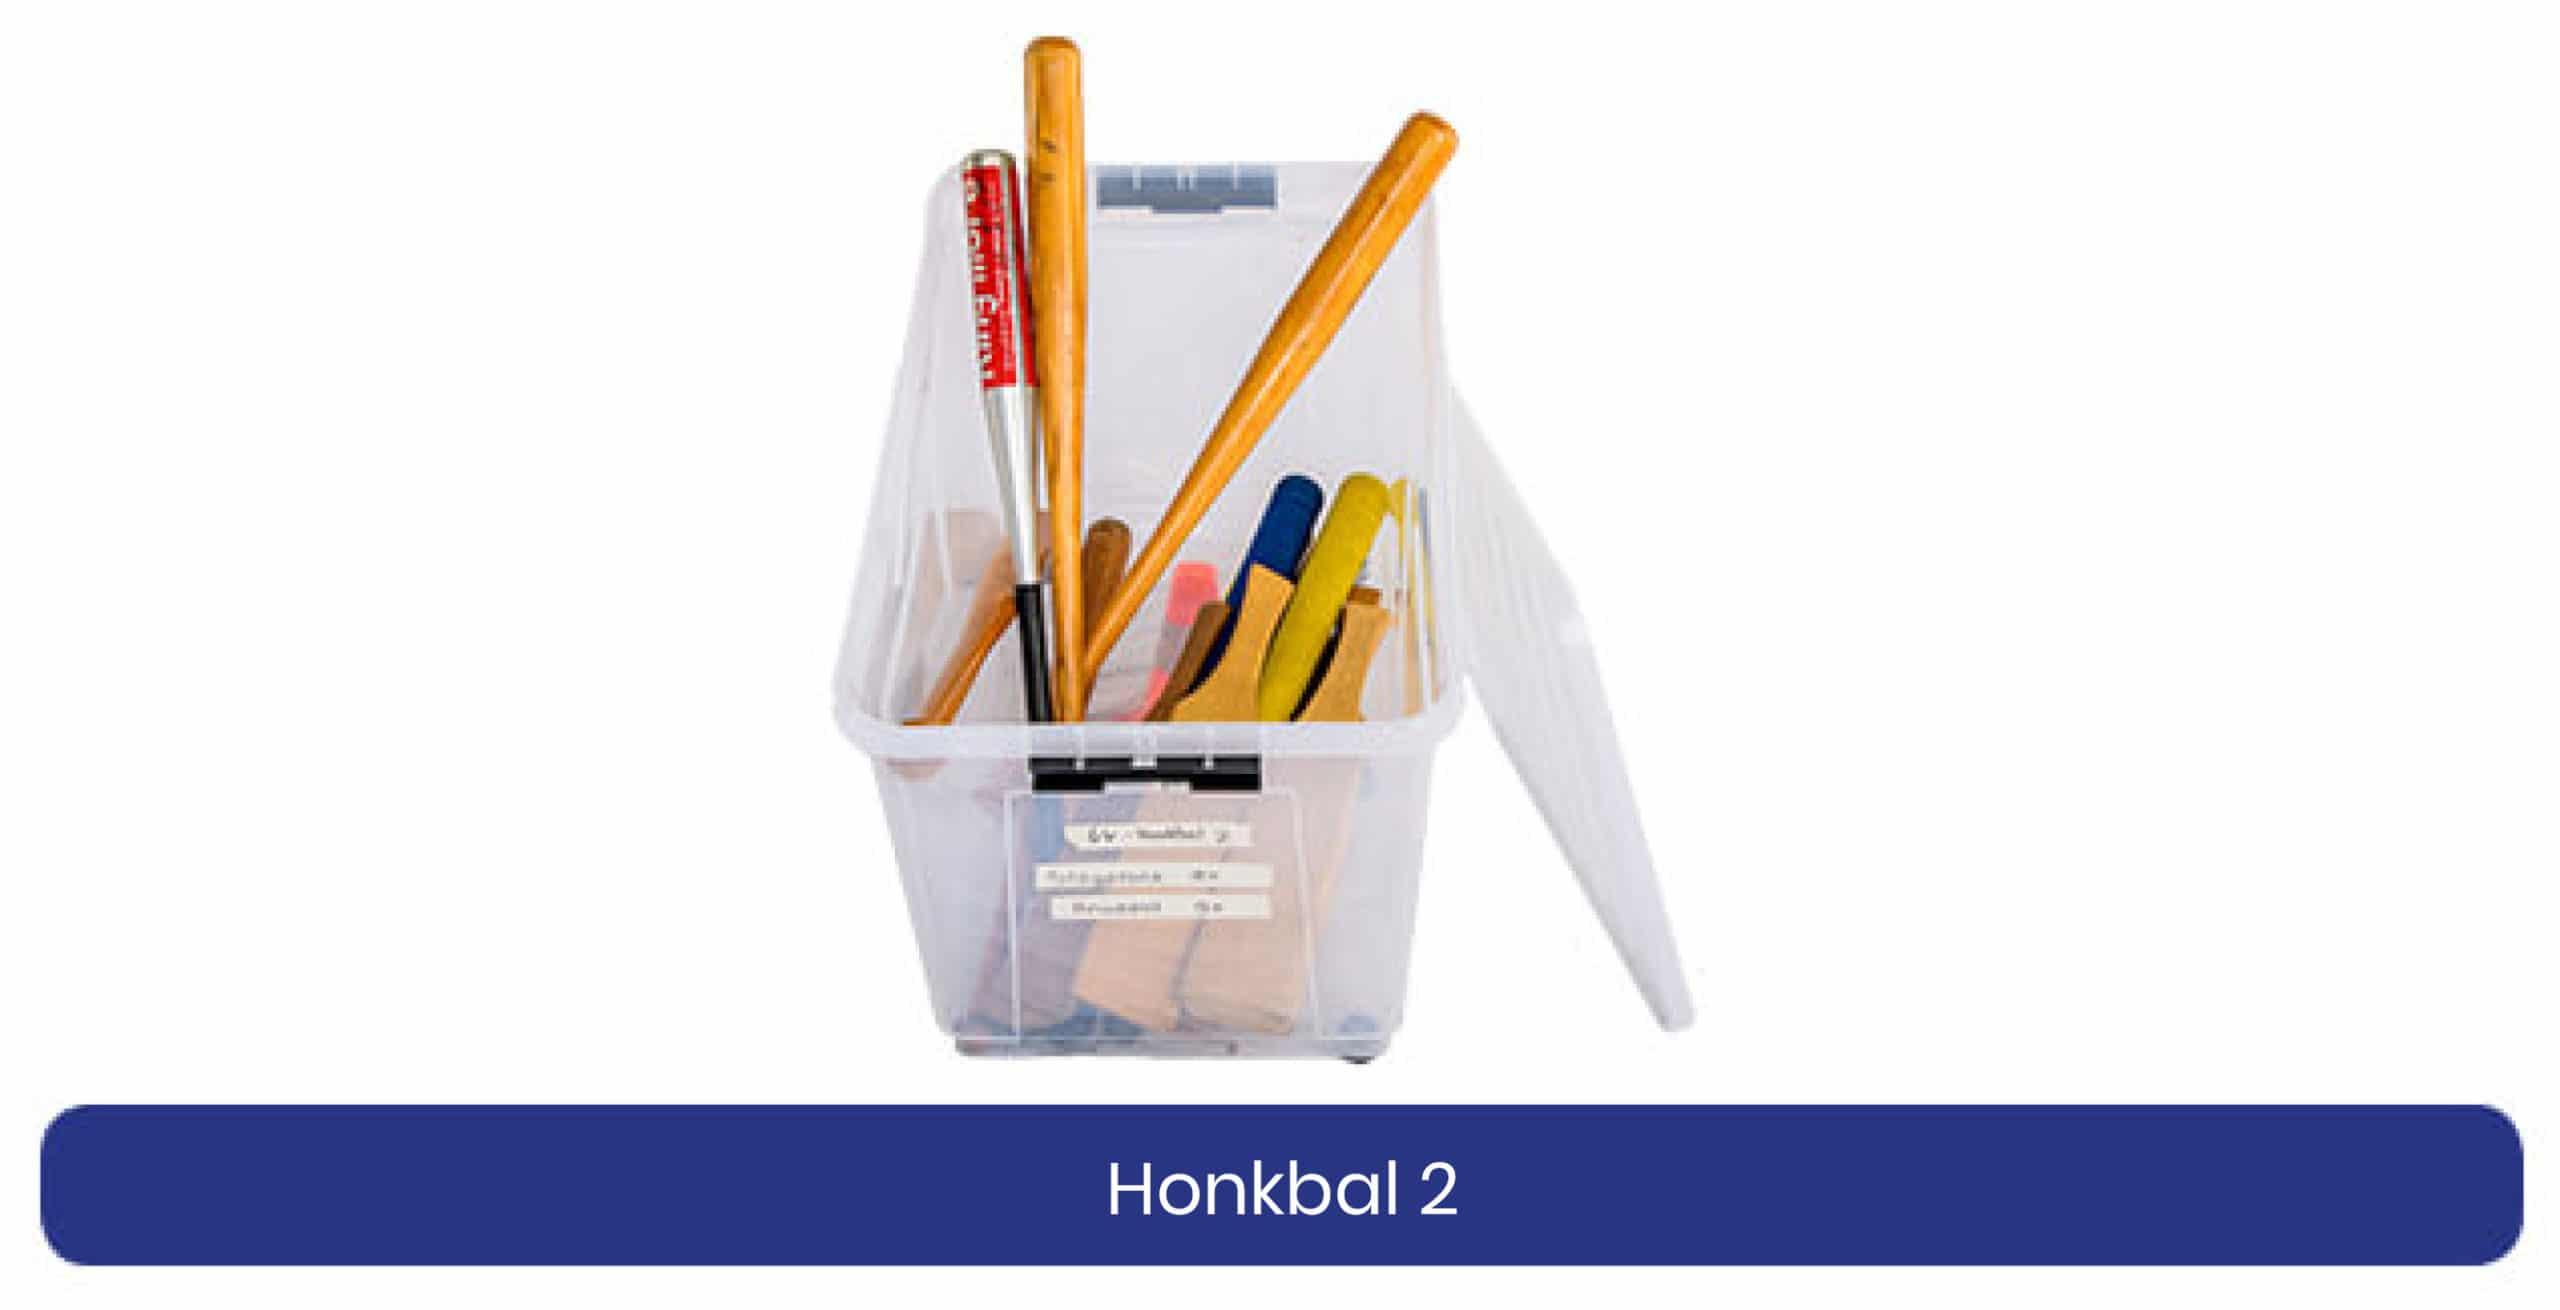 Honkbal 2 lenen product